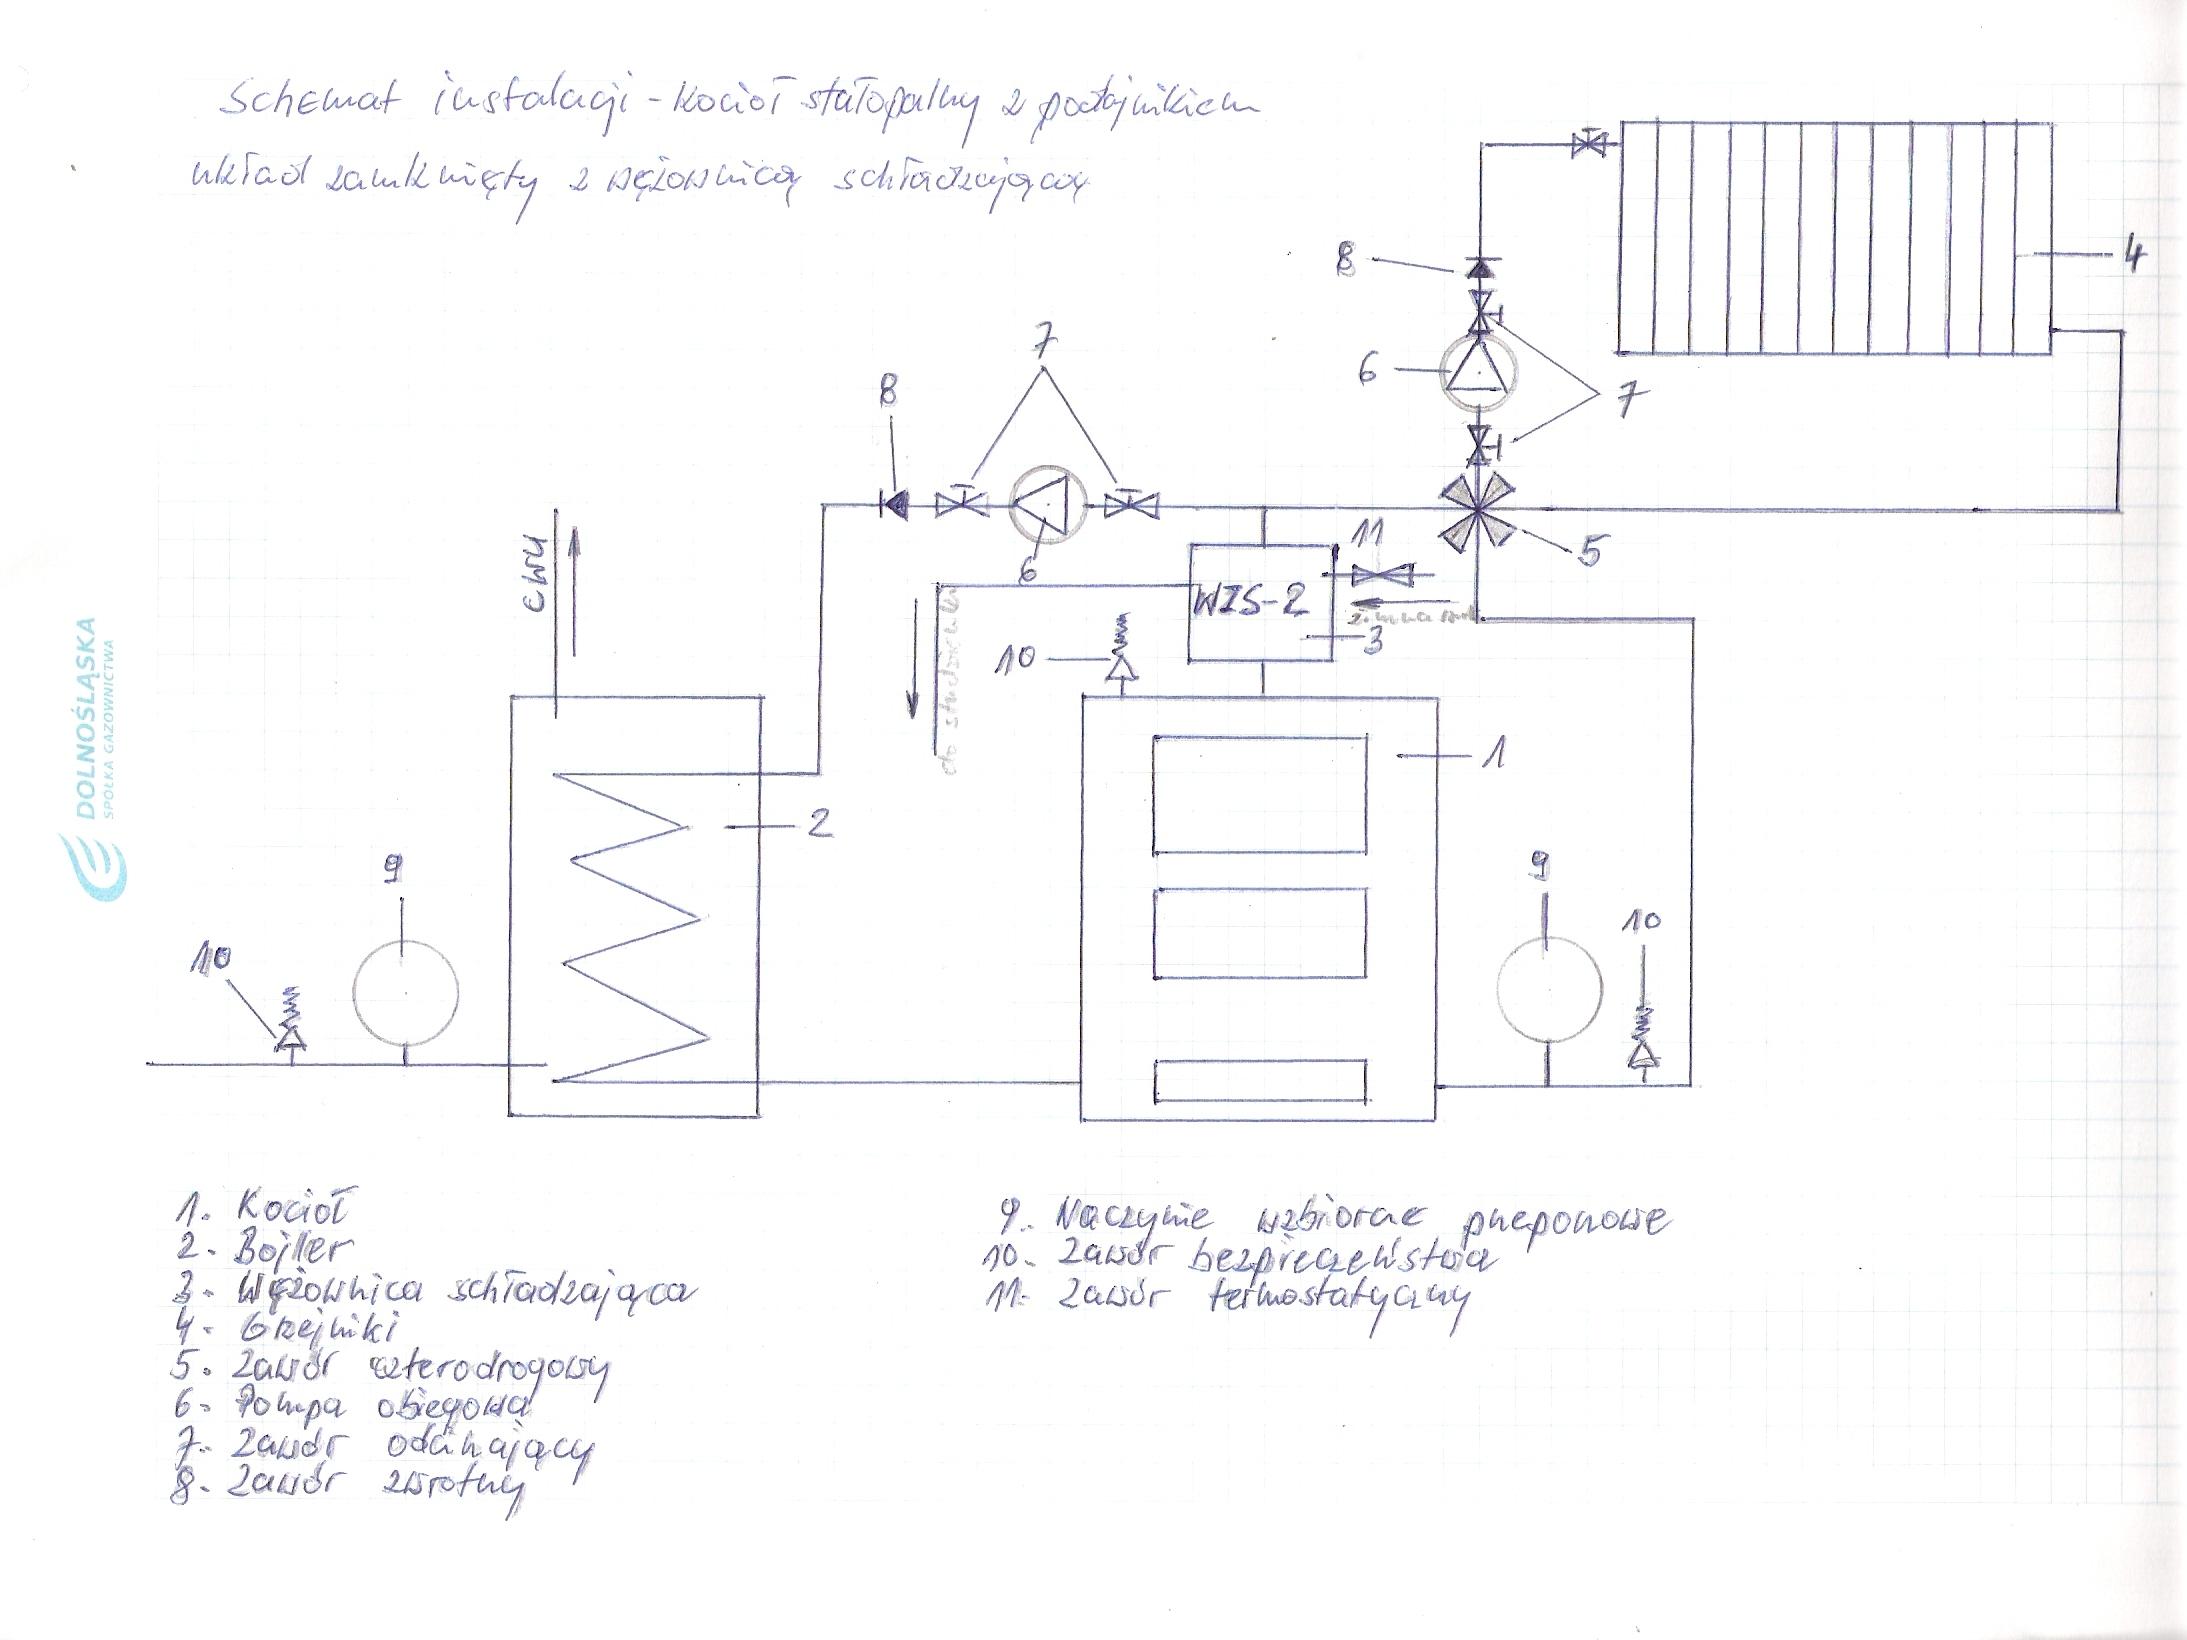 schemat instalacji - przer�bka kot�owni